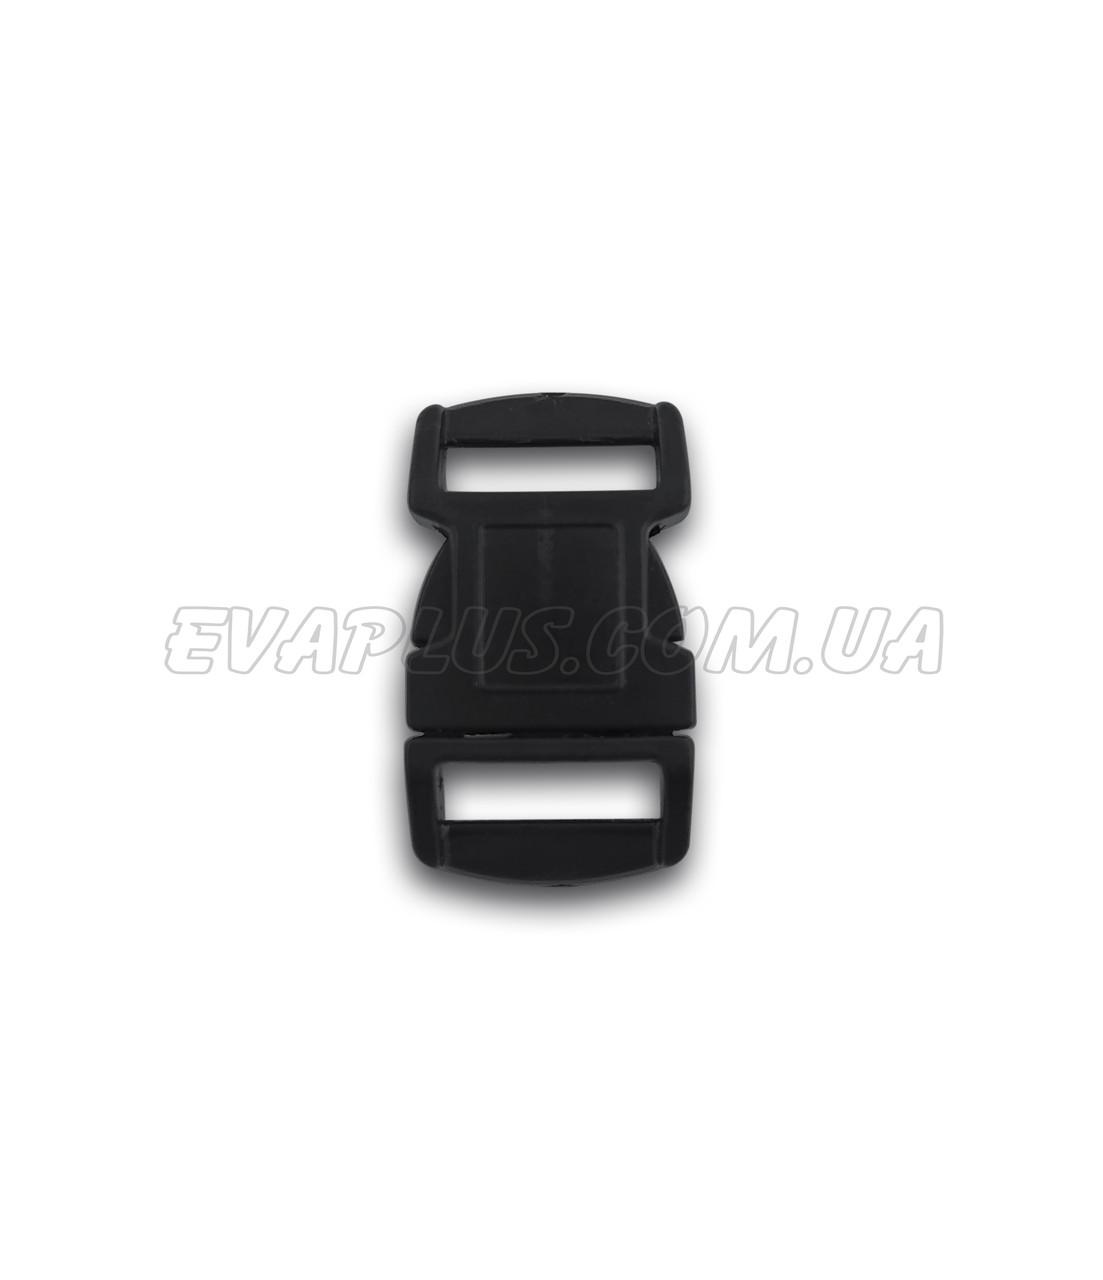 Фастекс пластиковый 10 мм черный (Л - 112)